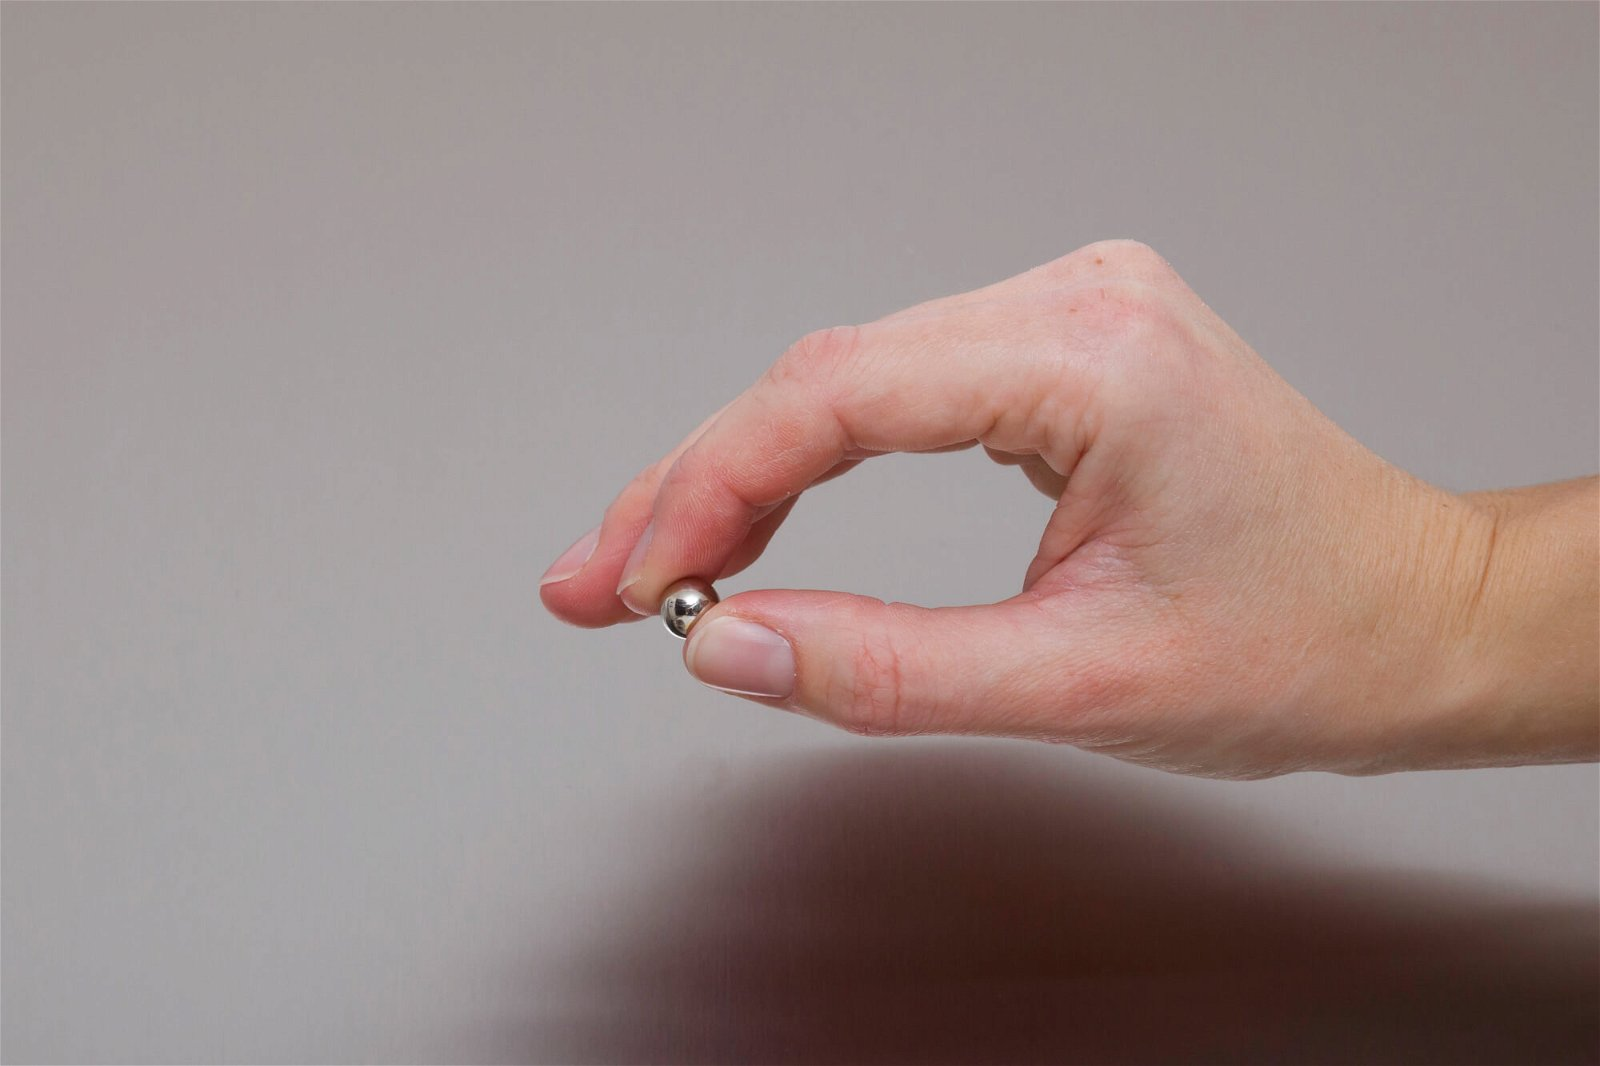 Neodym-Kugelmagnet, Ø 10 mm, 1,2 kg Haftkraft, 4 St./Set, hellsilber